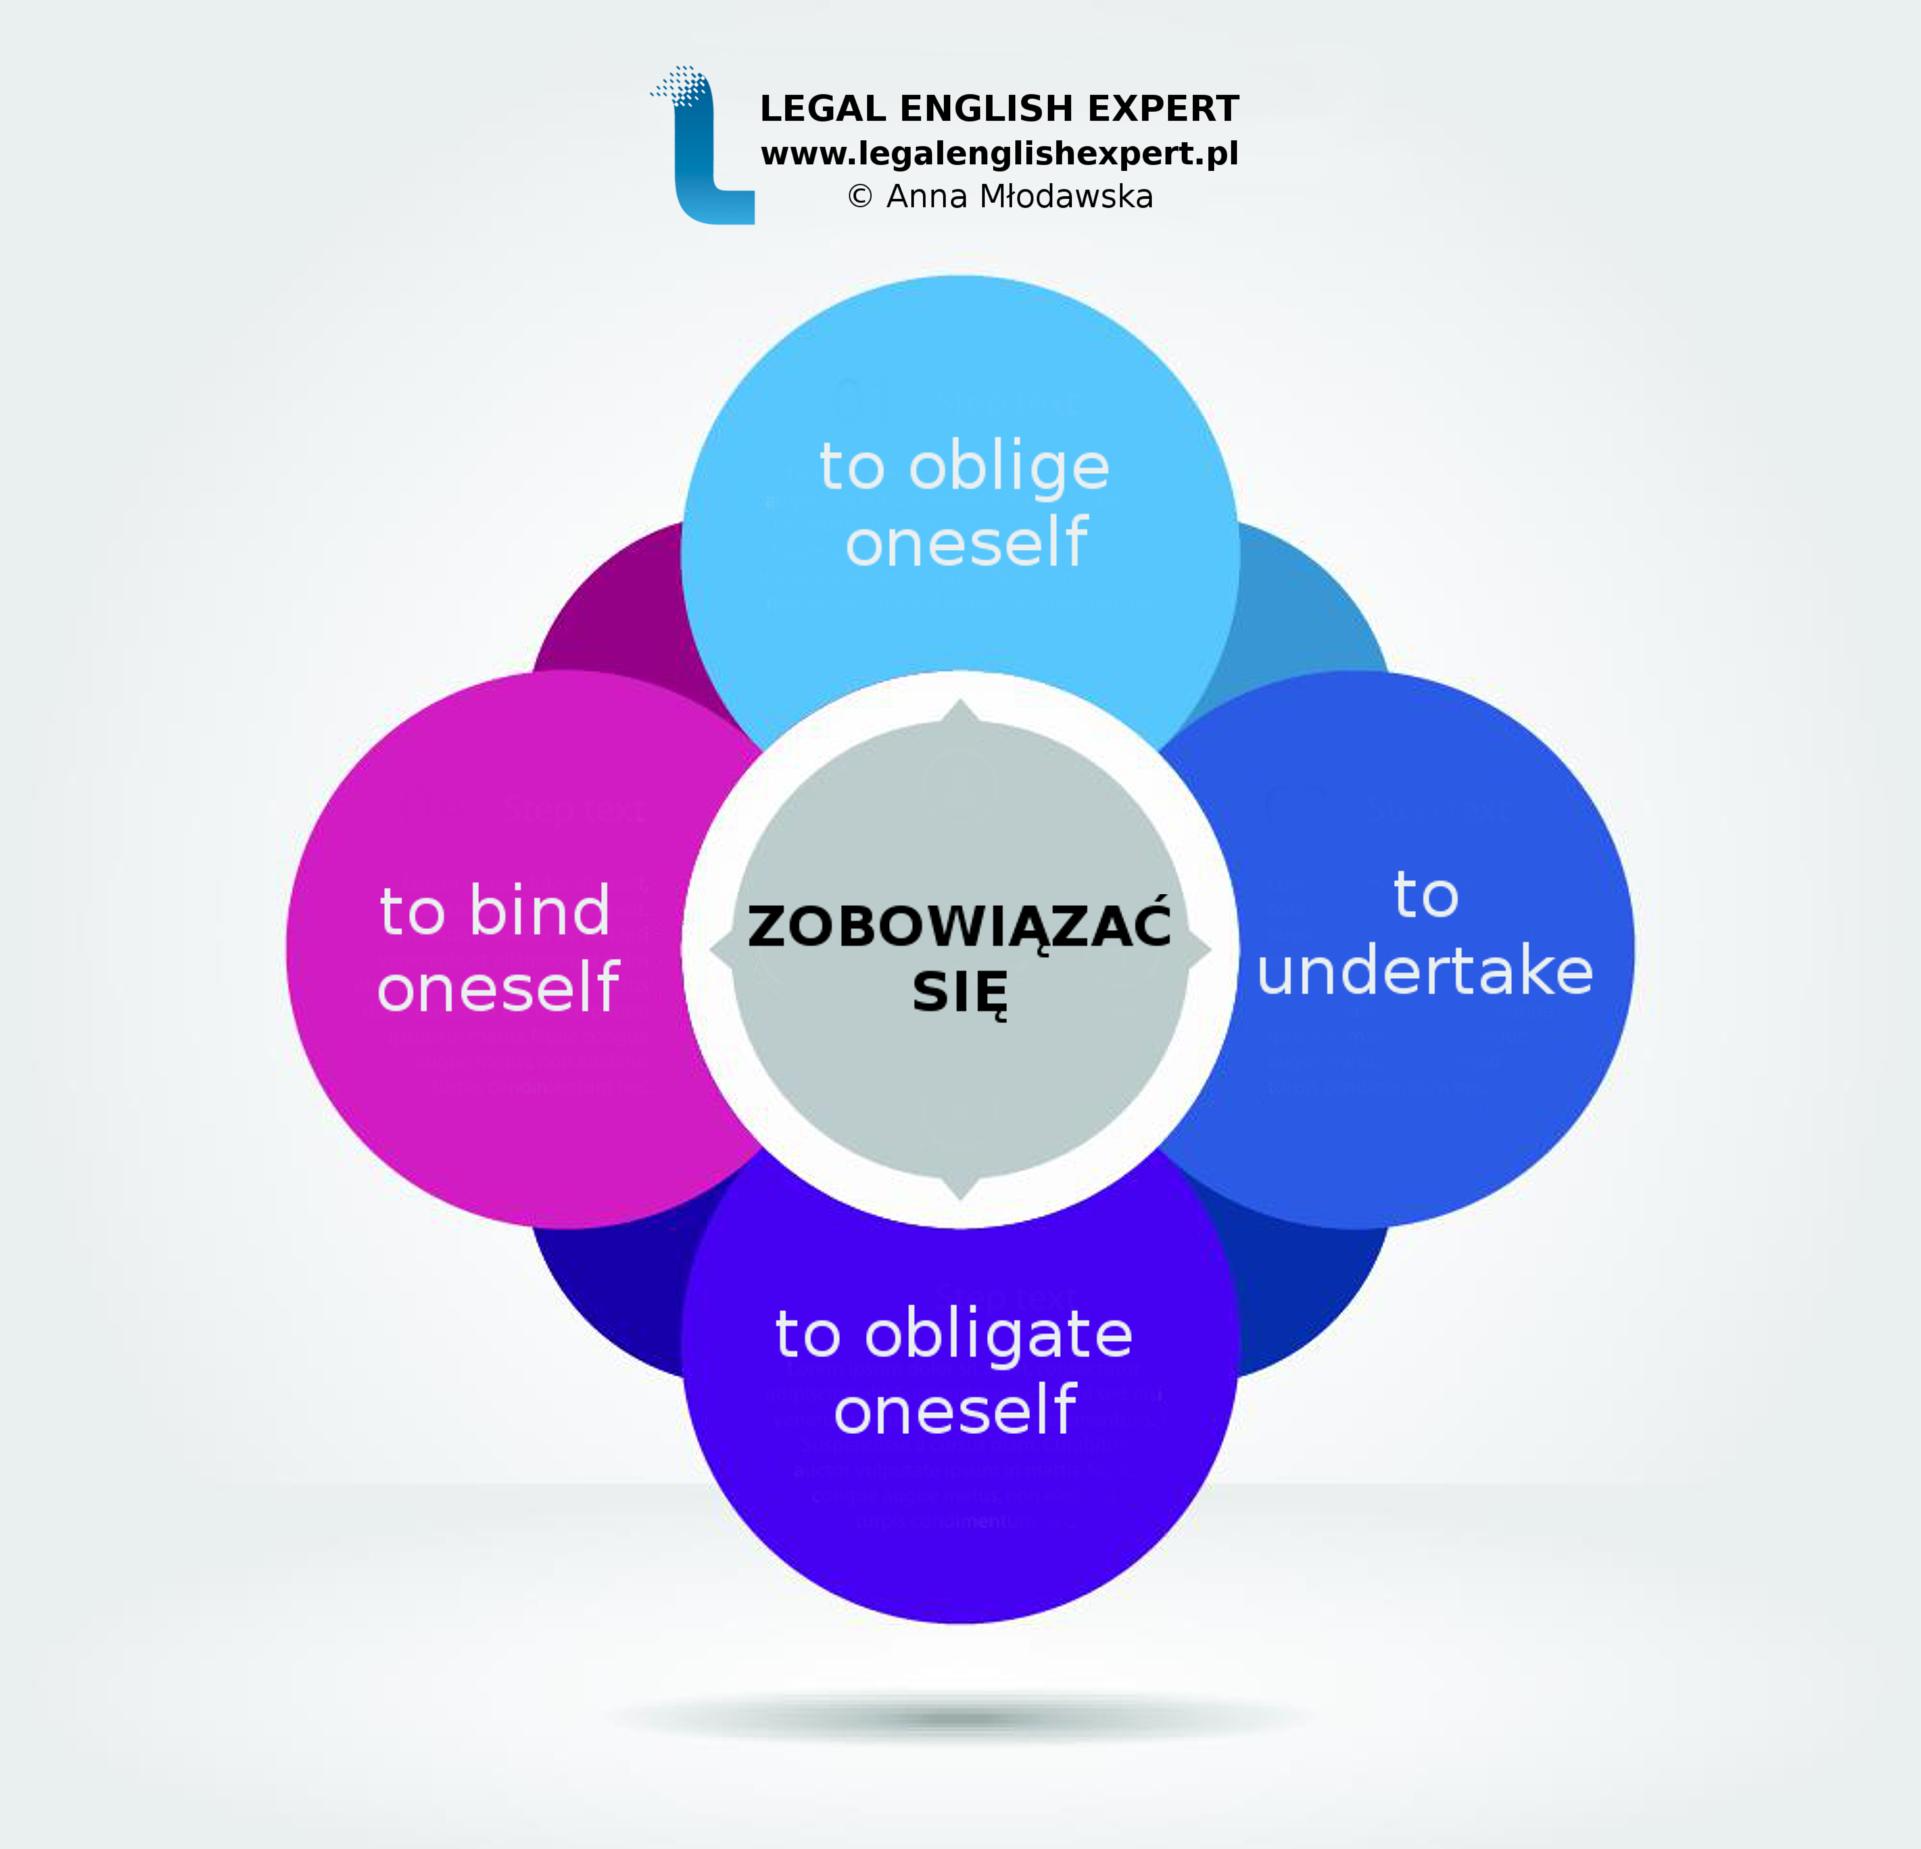 LEGAL ENGLISH EXPERT - infografika_26 - zobowiązać się